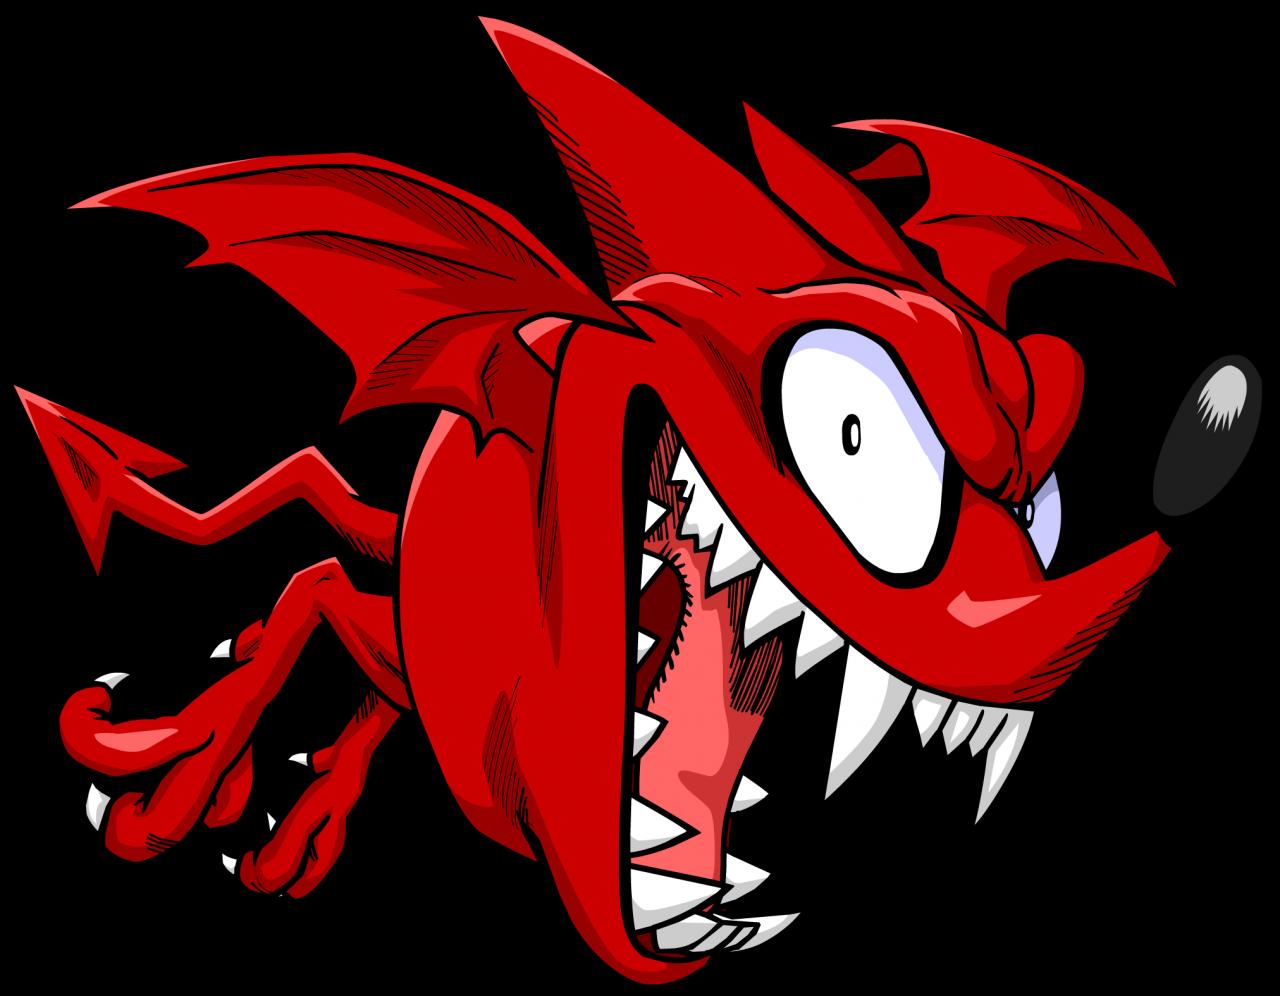 Gambar Anime Devil Keren Cyber Joy Galaxy Diposting Oleh Agung